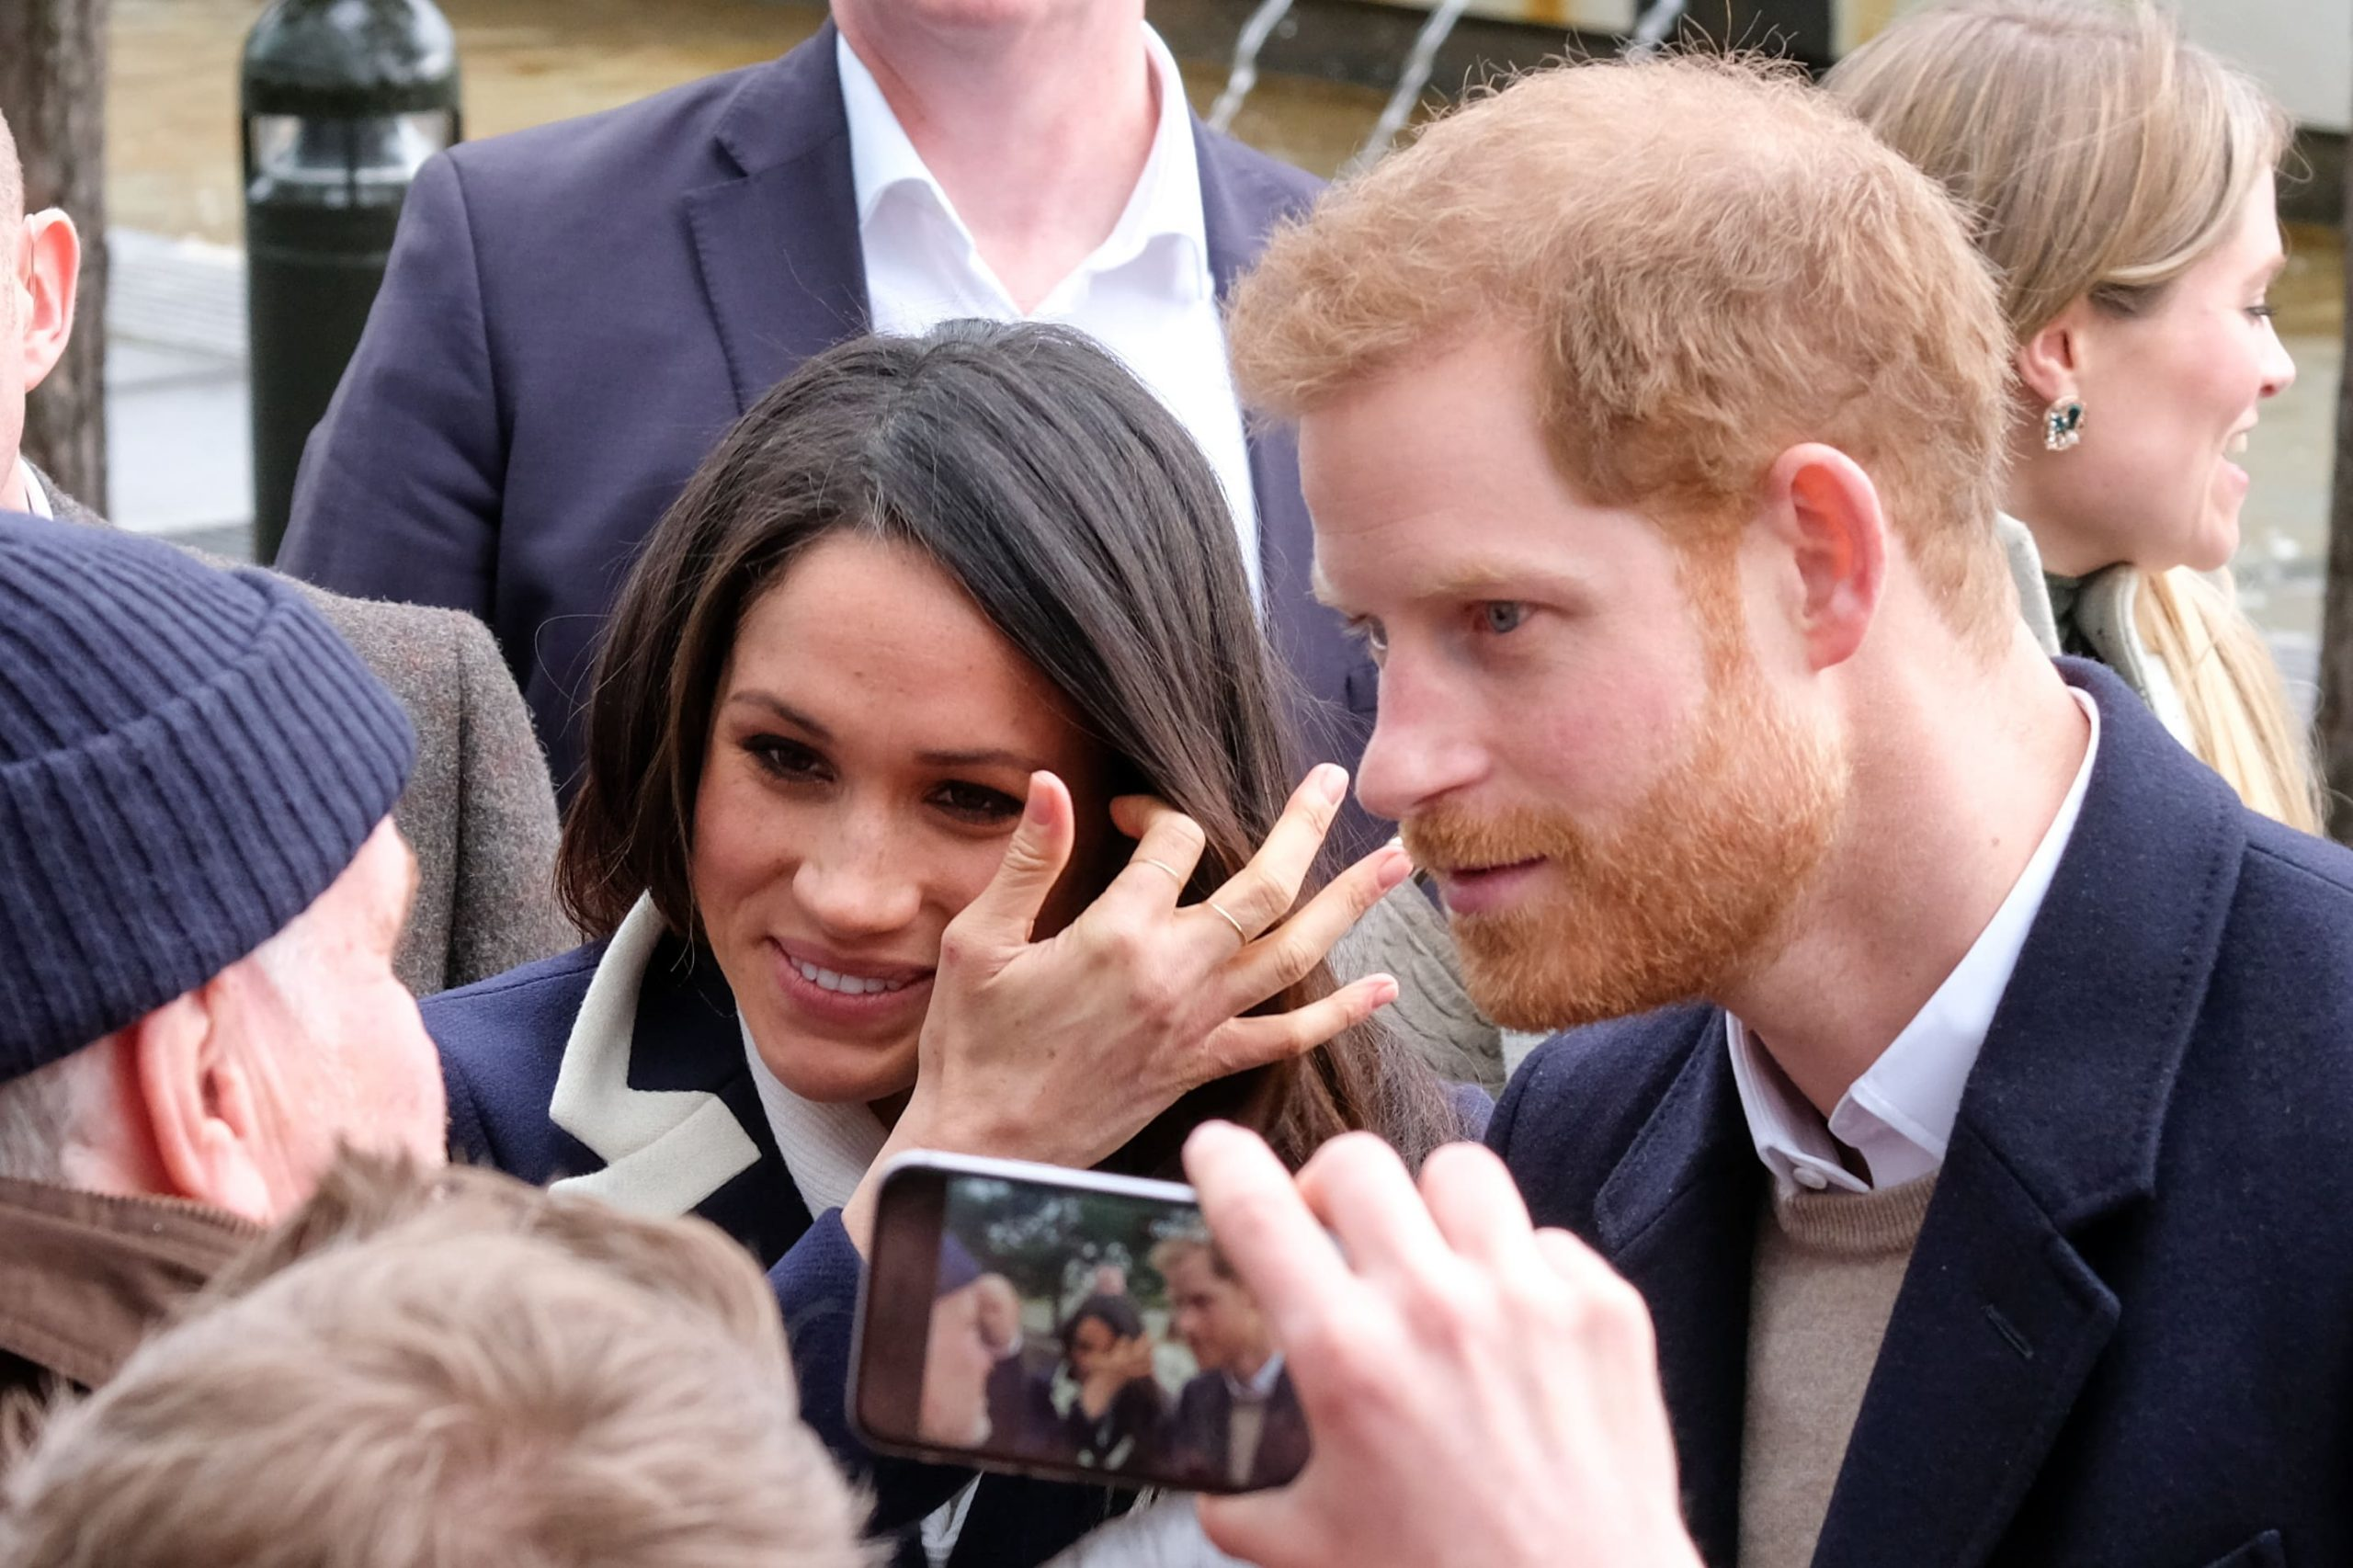 الأمير هاري يفوز بدعوى قضائية ضد أكبر الصحف البريطانية